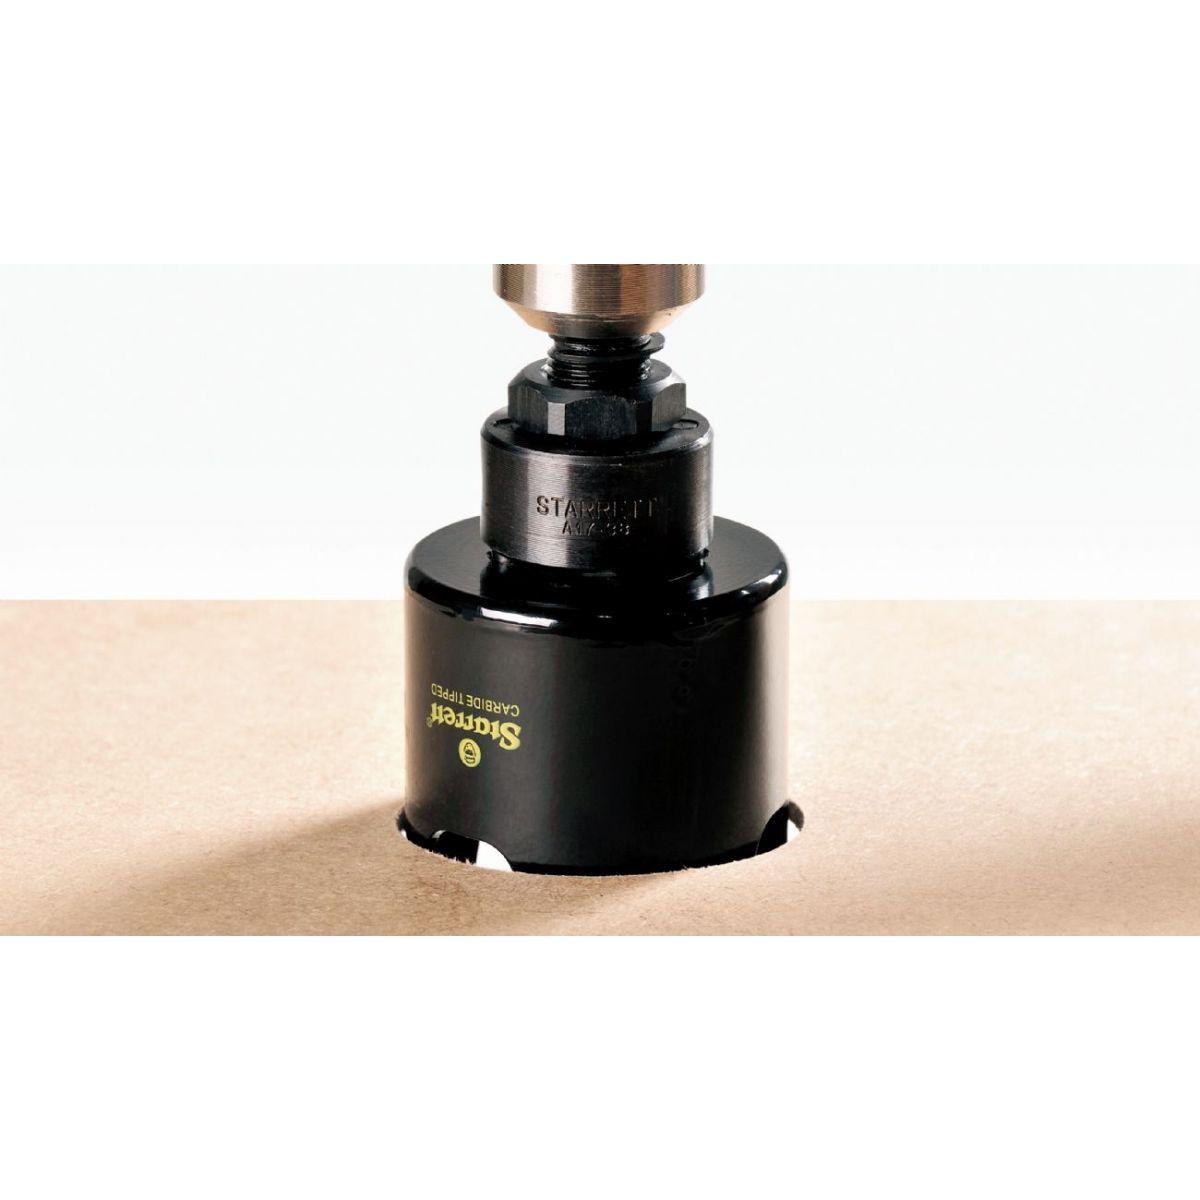 Serra Copo Multi 51 mm (2´) - Starrett